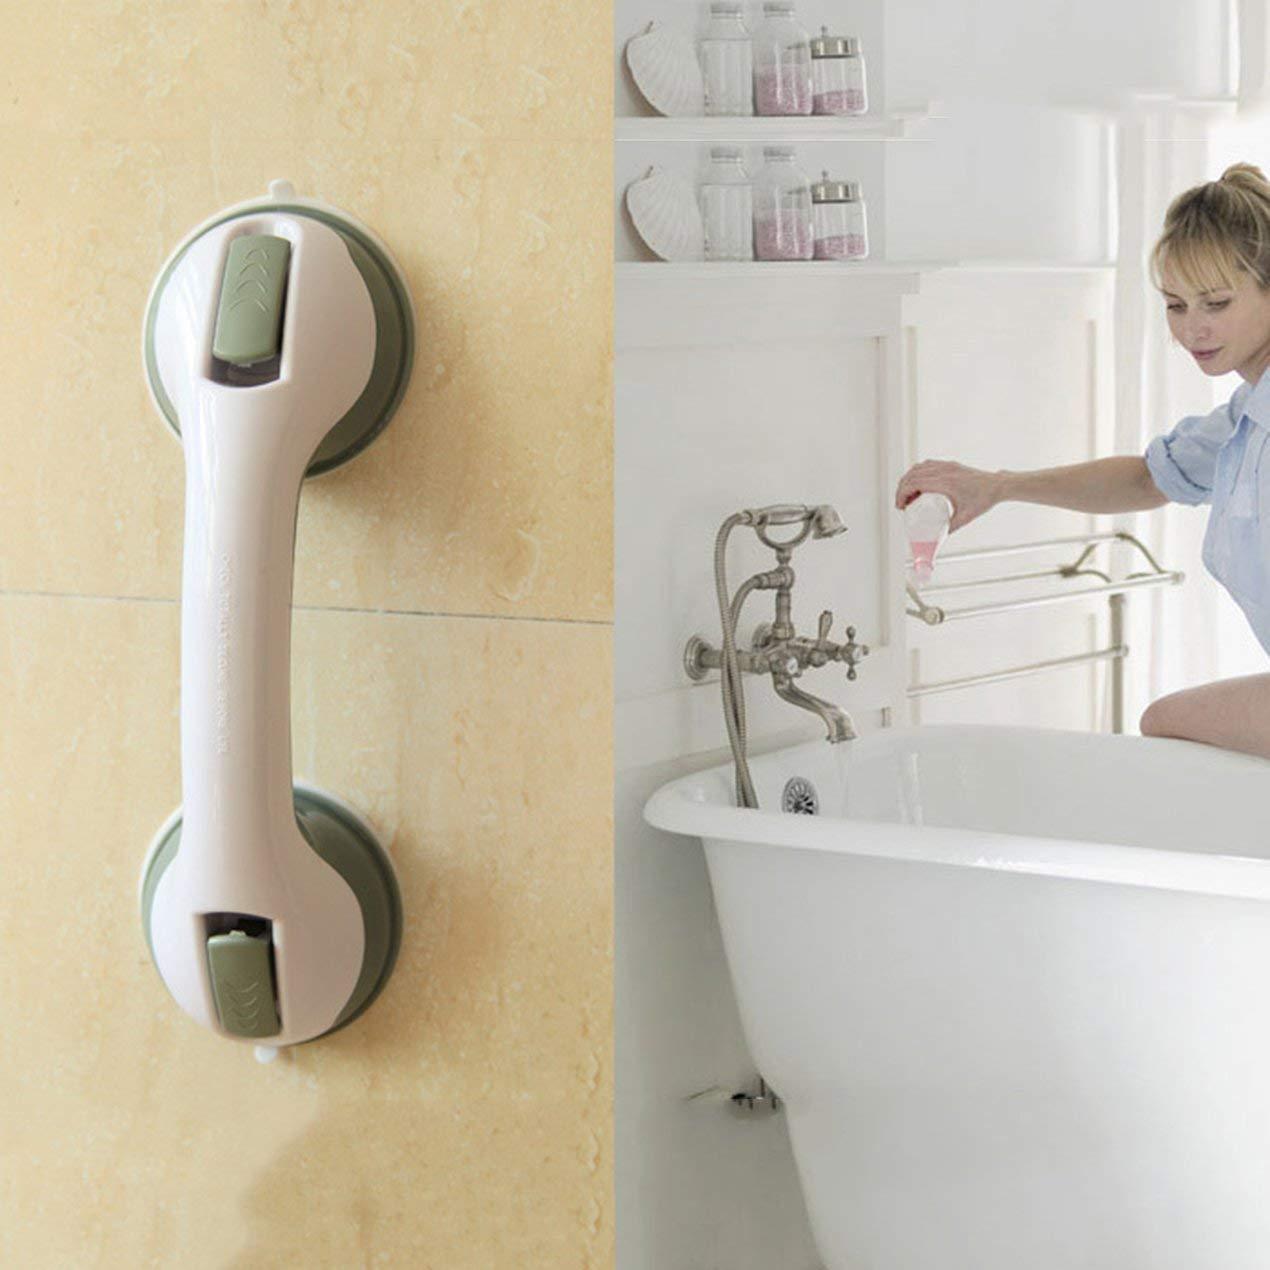 Wei/ß Saugbalance Assist Badegriff Sicherheit Haltegriff Handlauf Badewanne Badezimmer Duscharmlehne f/ür /ältere Kinder